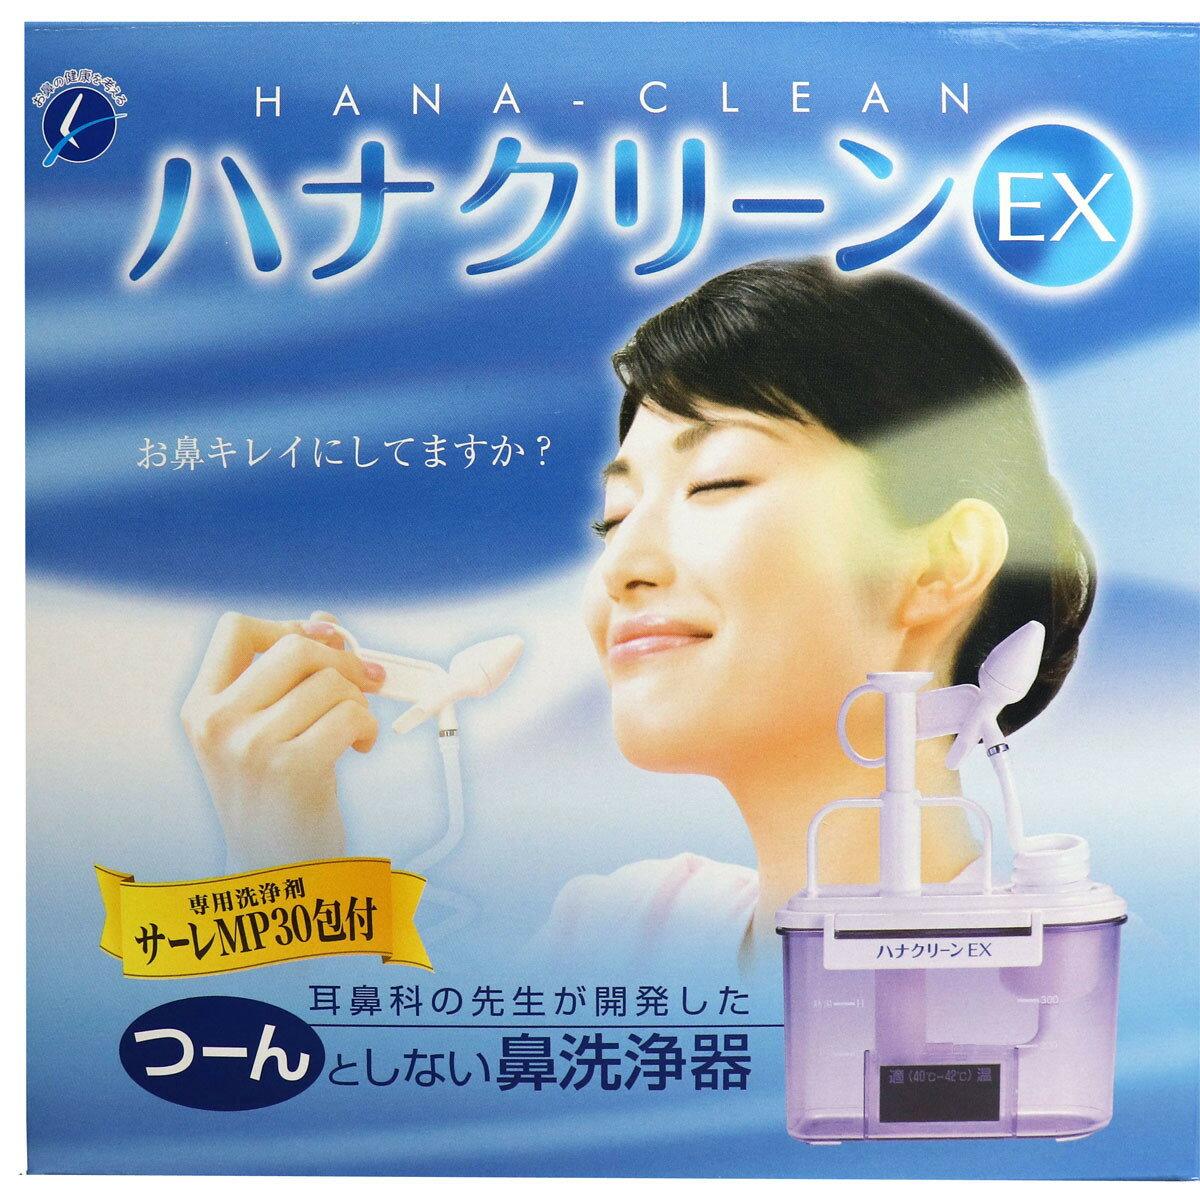 ハナクリーンEX 花粉症対策 鼻洗浄器 風邪予防 風邪対策 アレルギー対策 蓄膿症 いびき防止 いびき対策 安眠 乾燥 鼻乾燥 インフルエンザ予防 鼻洗浄 作業仕事 汚染空気